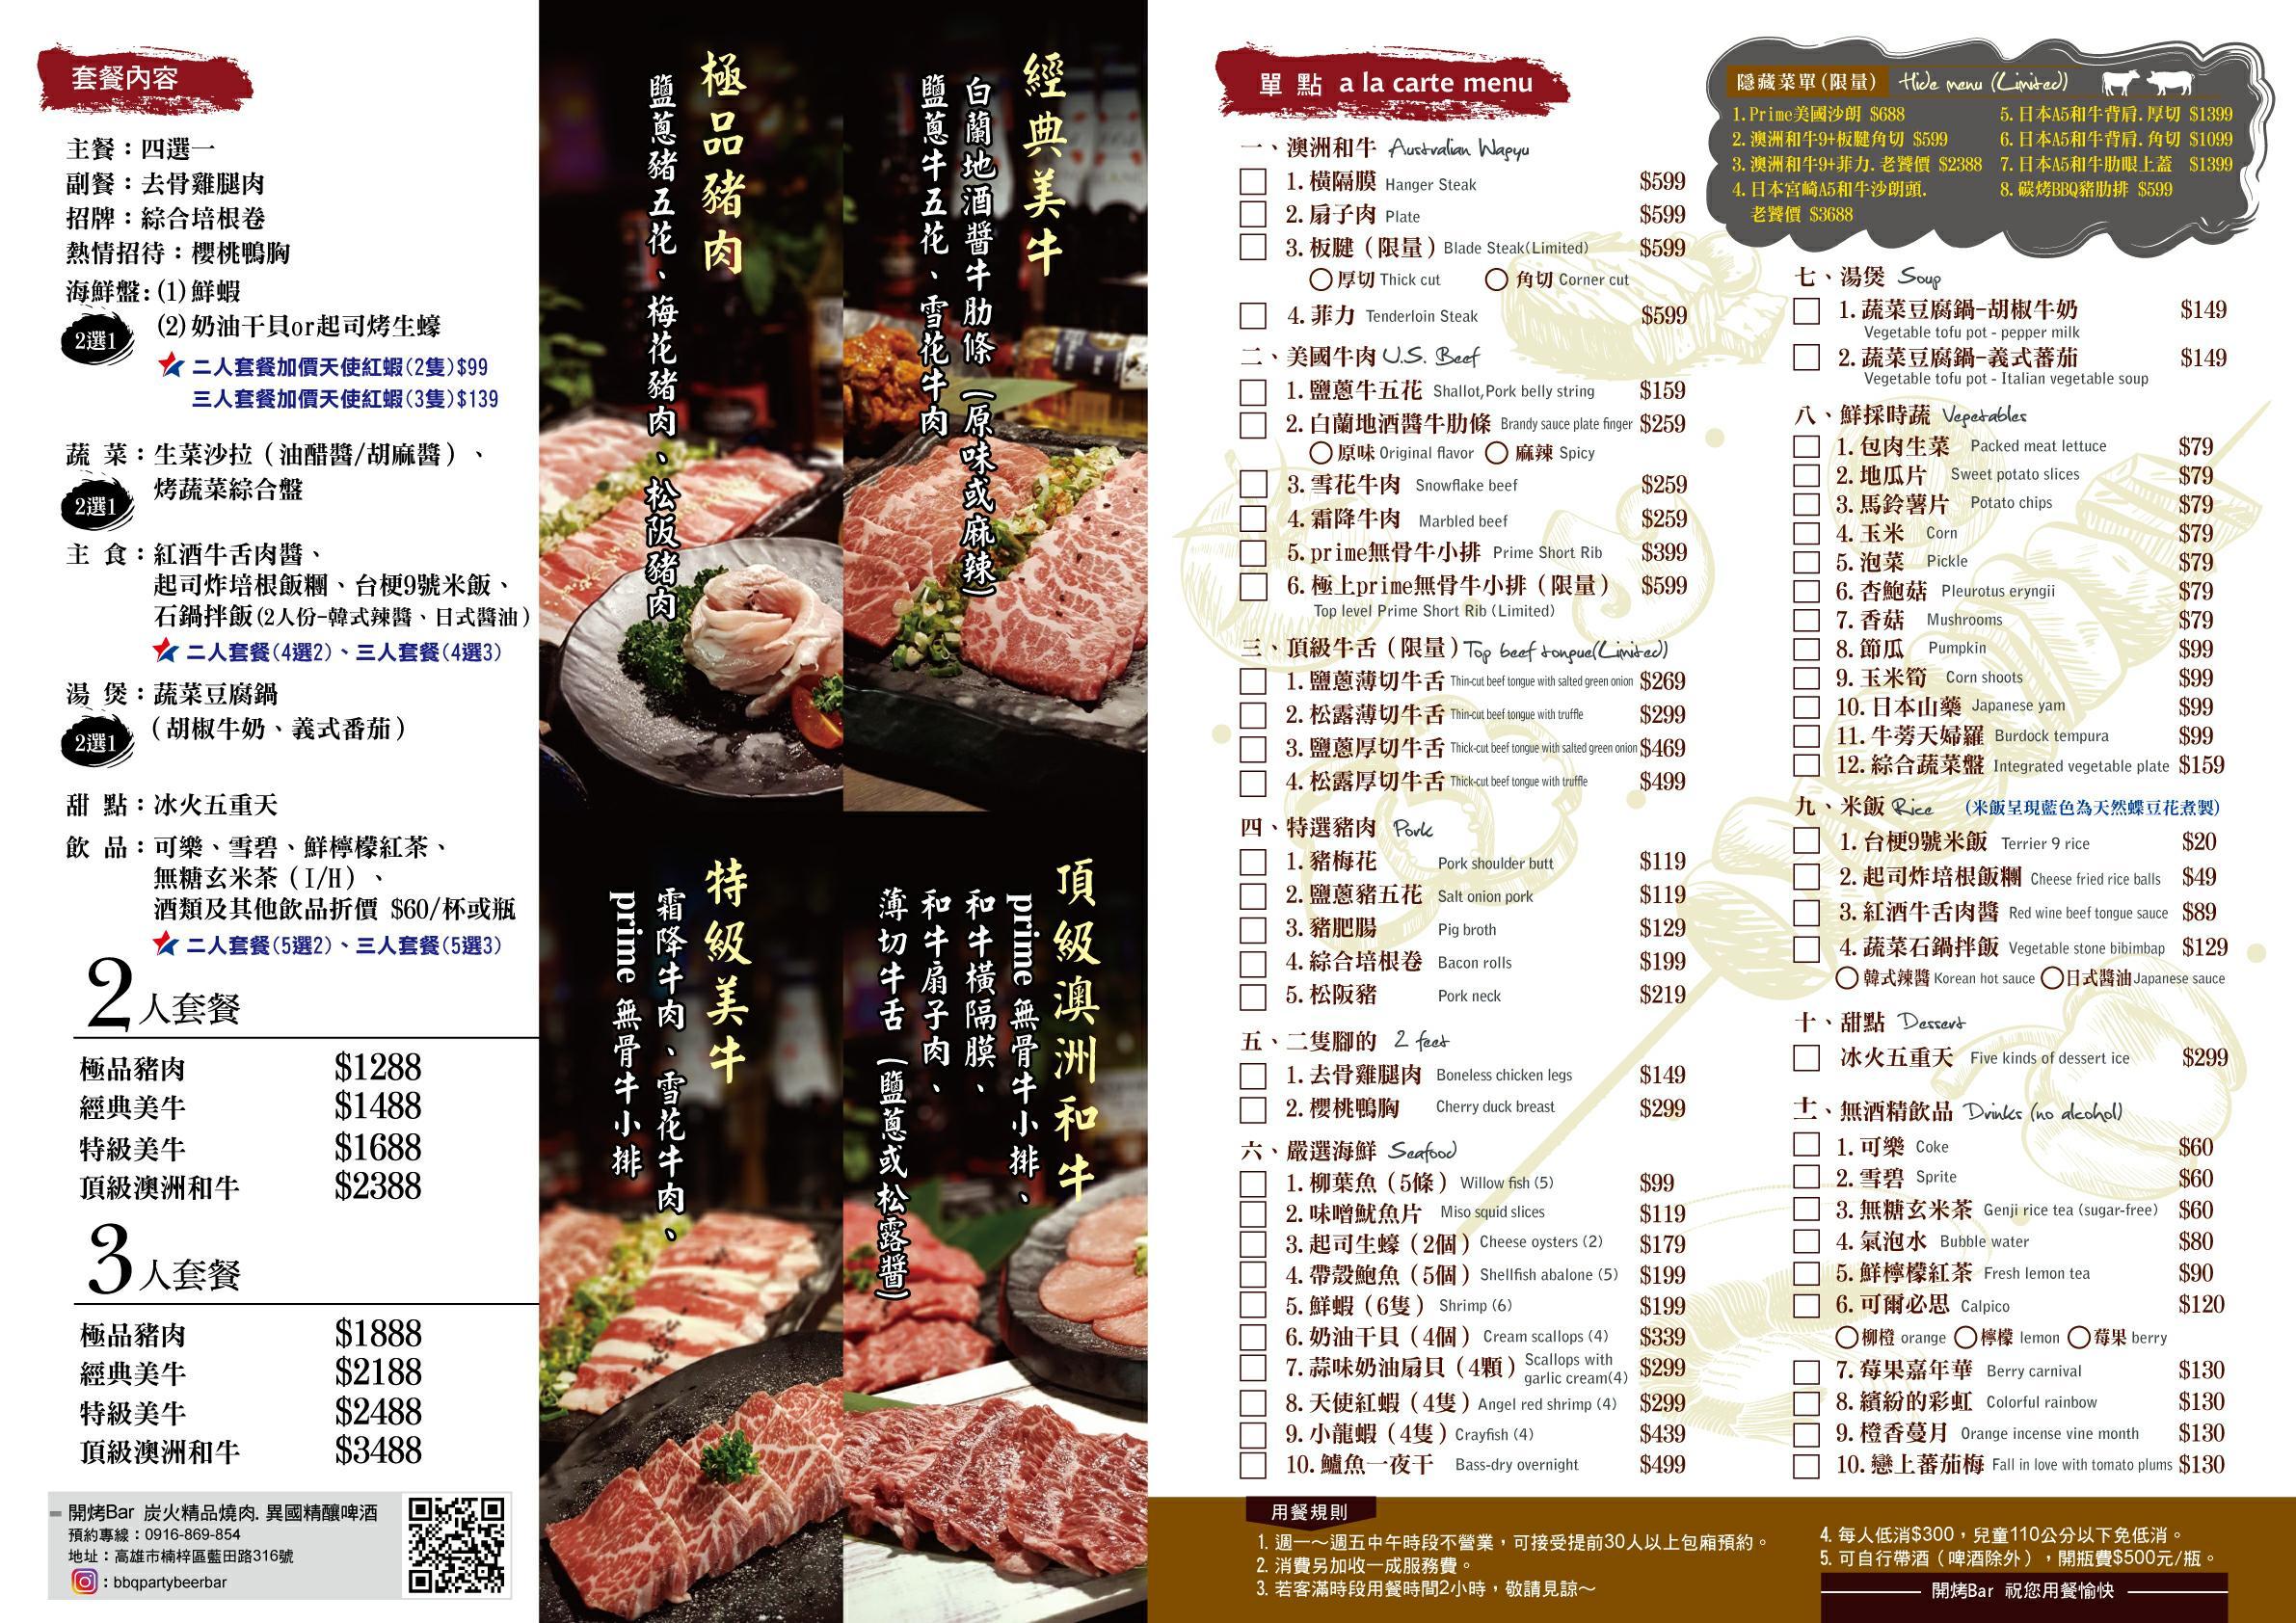 開烤Bar-炭火精品燒肉菜單